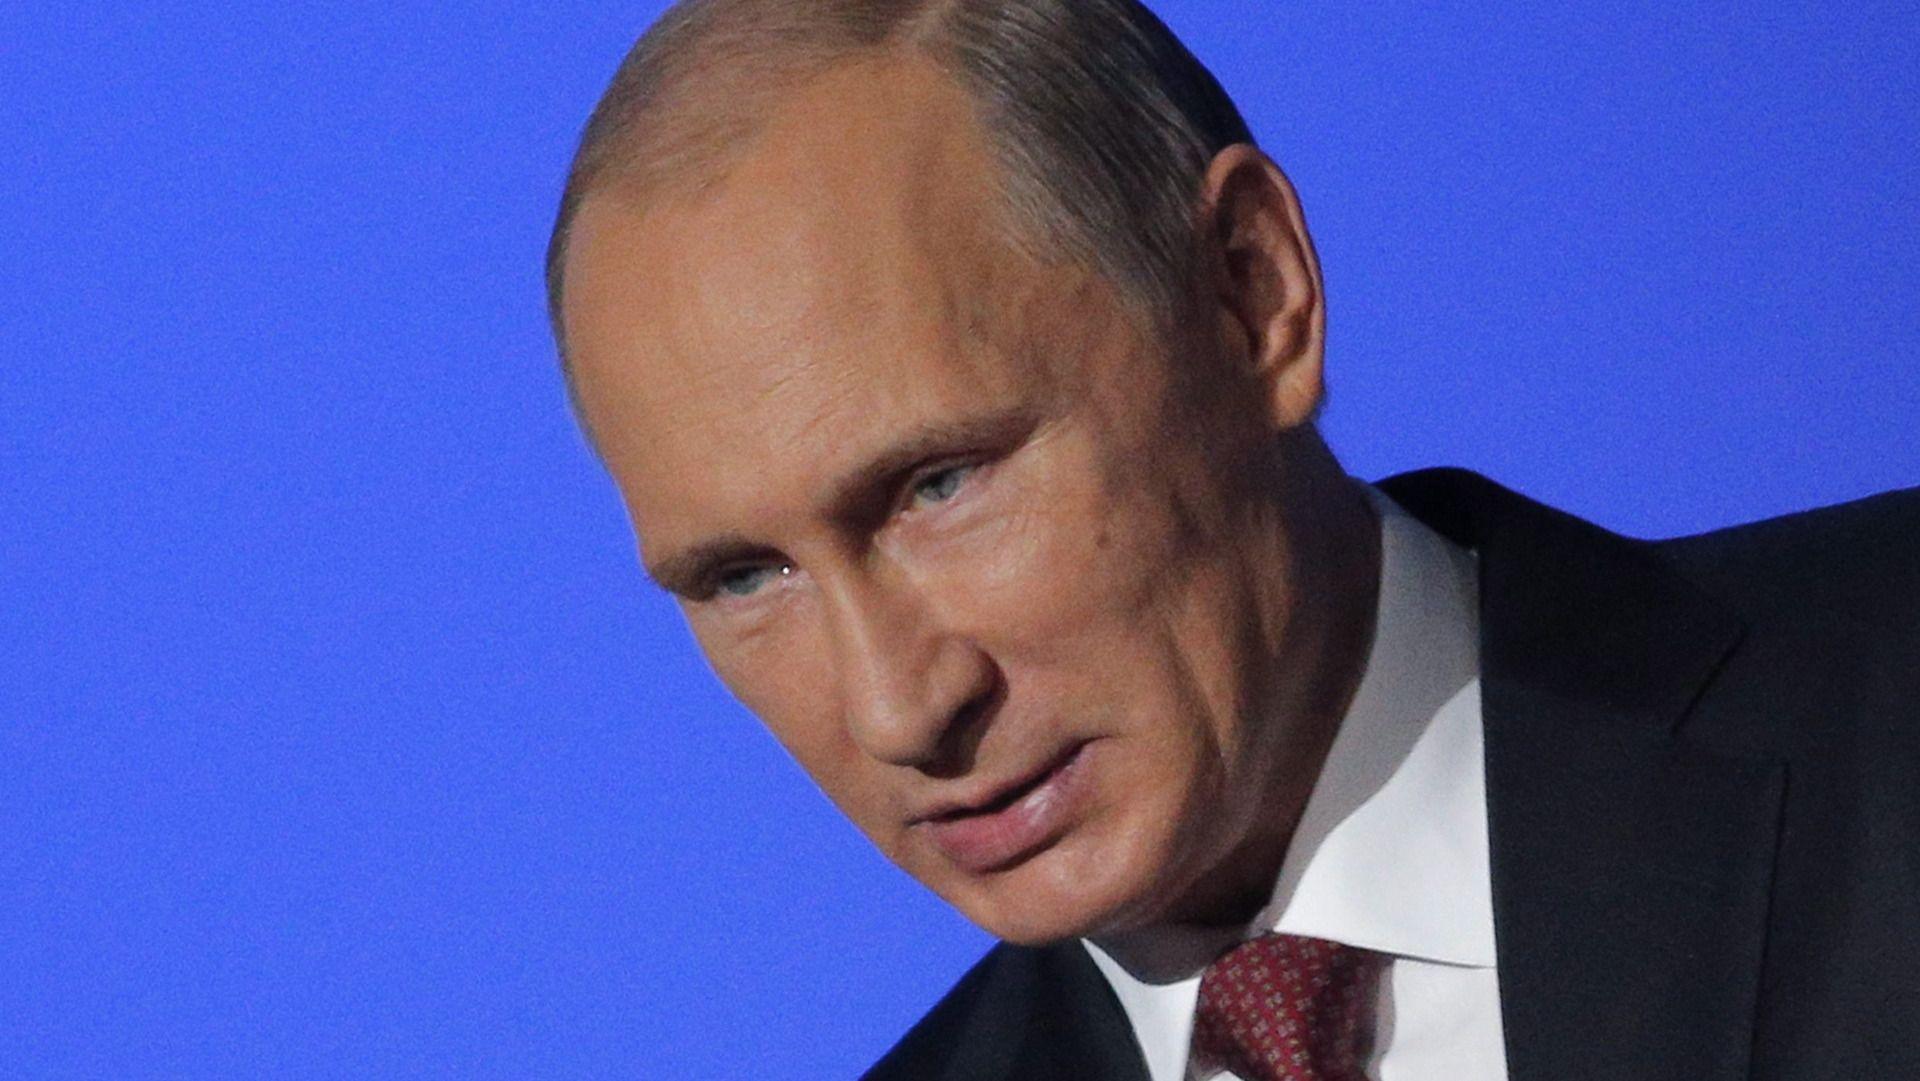 Venäjän presidentti Vladimir Putin sanoo, että Ukrainan hallinnon täytyy lopettaa sotilasoperaation...